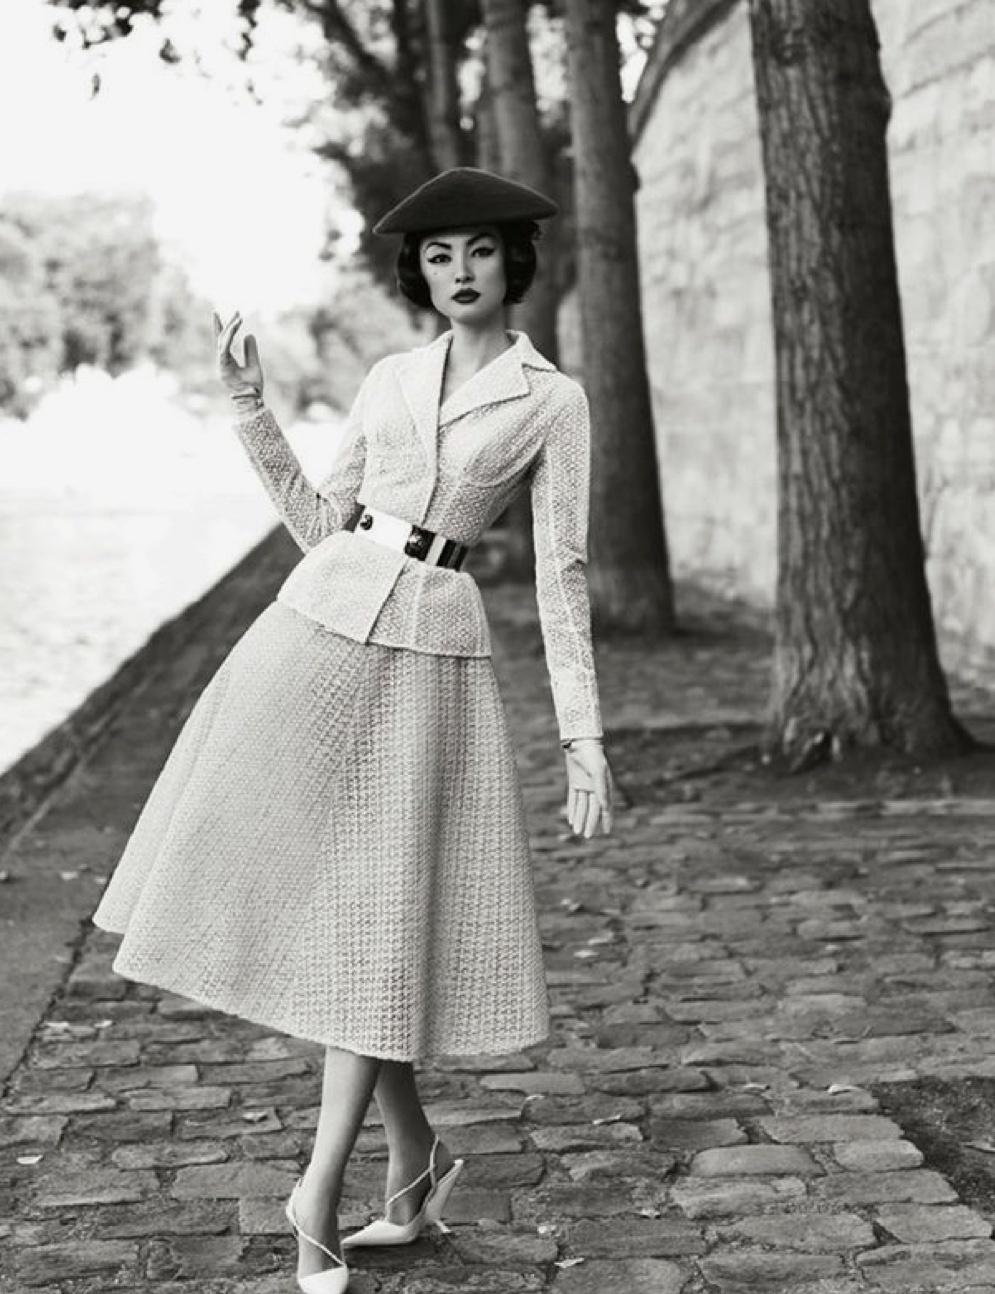 винтажный стиль, как одеваться в  стиле винтаж